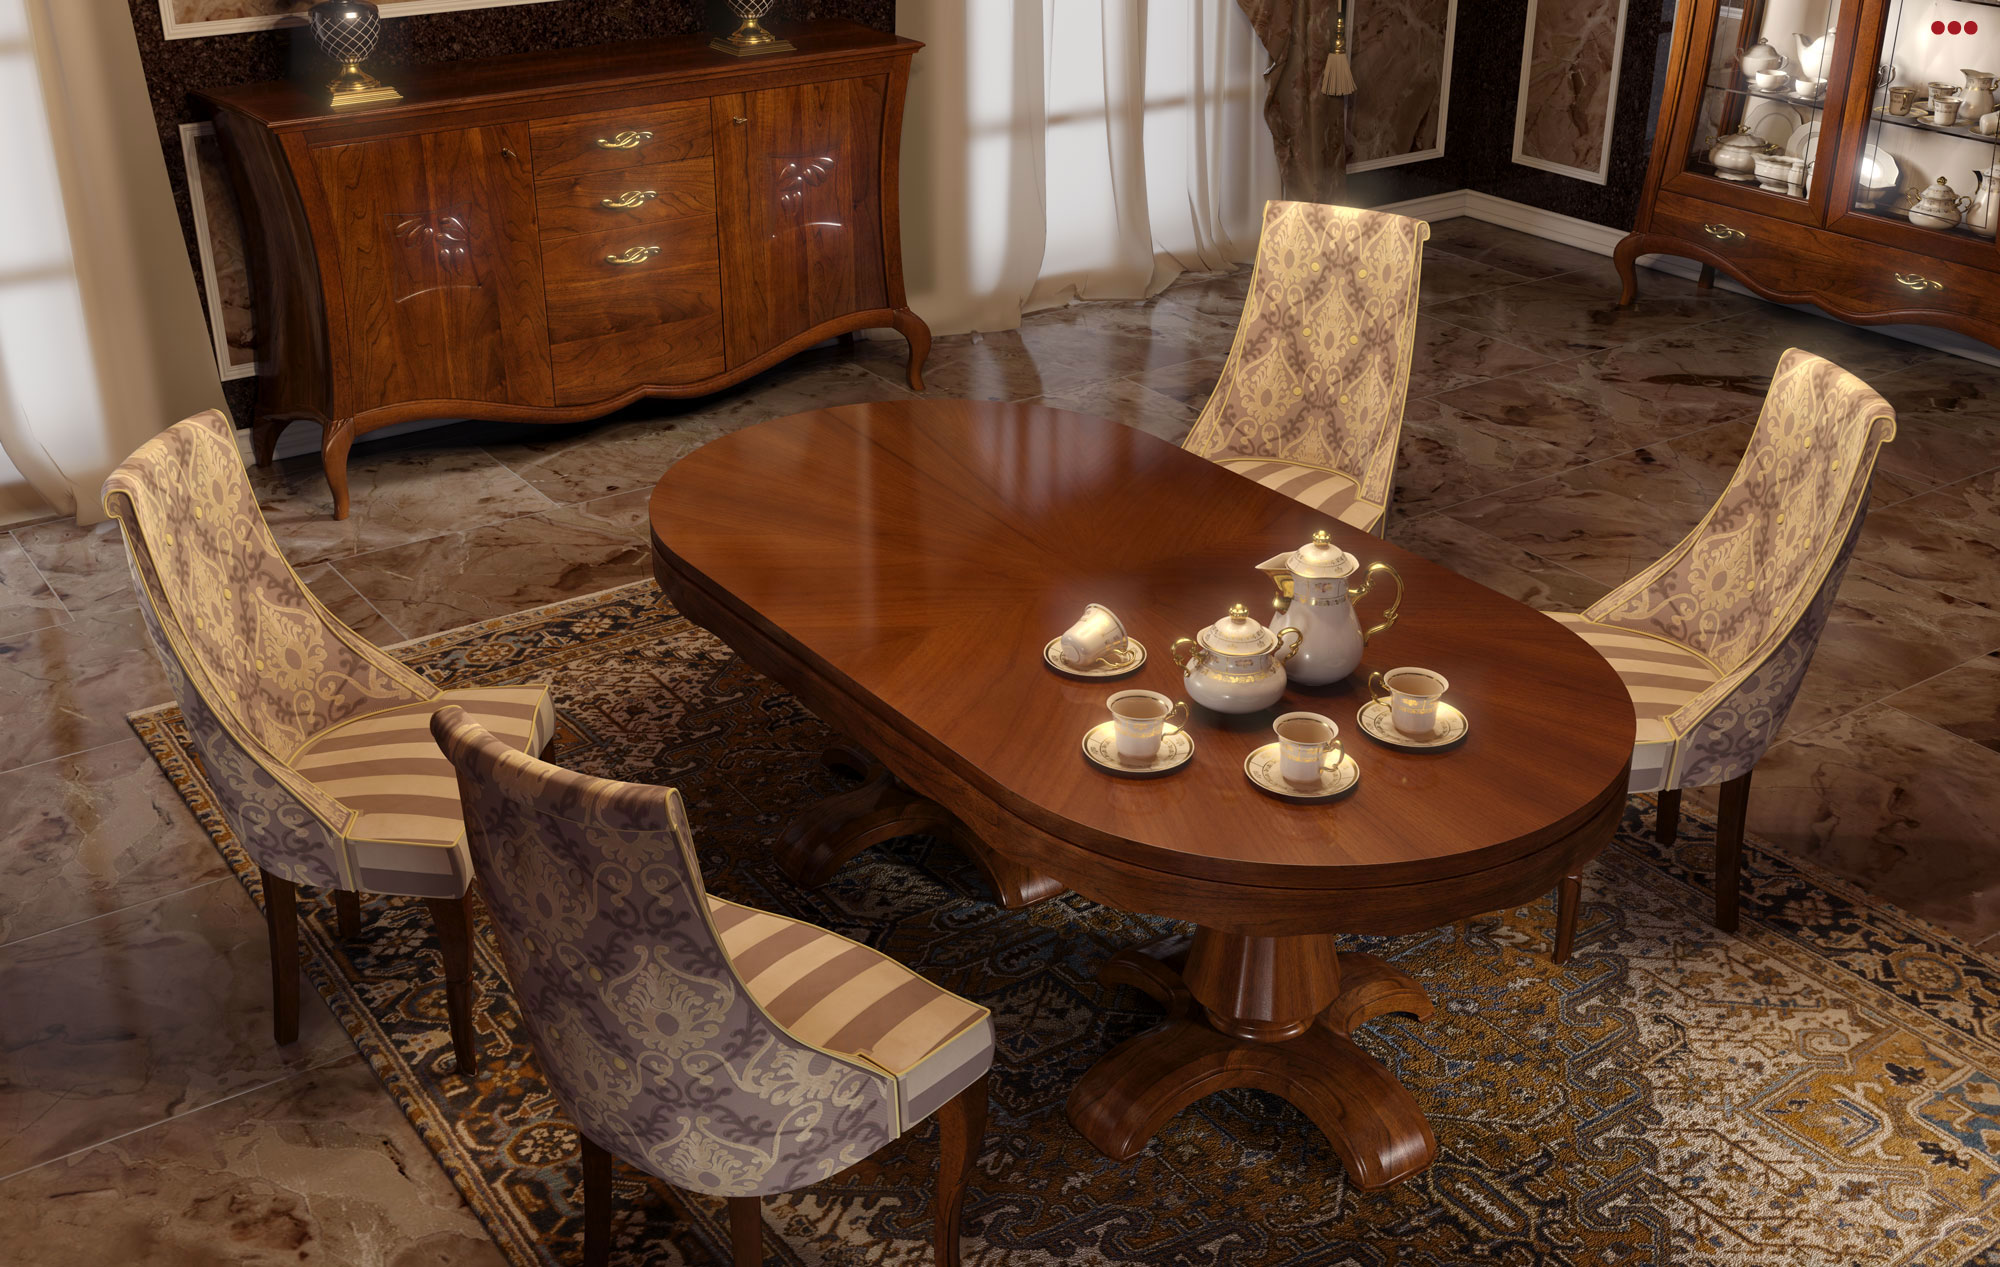 Studio Bartolini rendering grafico 3D catalogo Stilema La Dolce Vita 2012 mobile classico soggiorno c1 tavolo legno